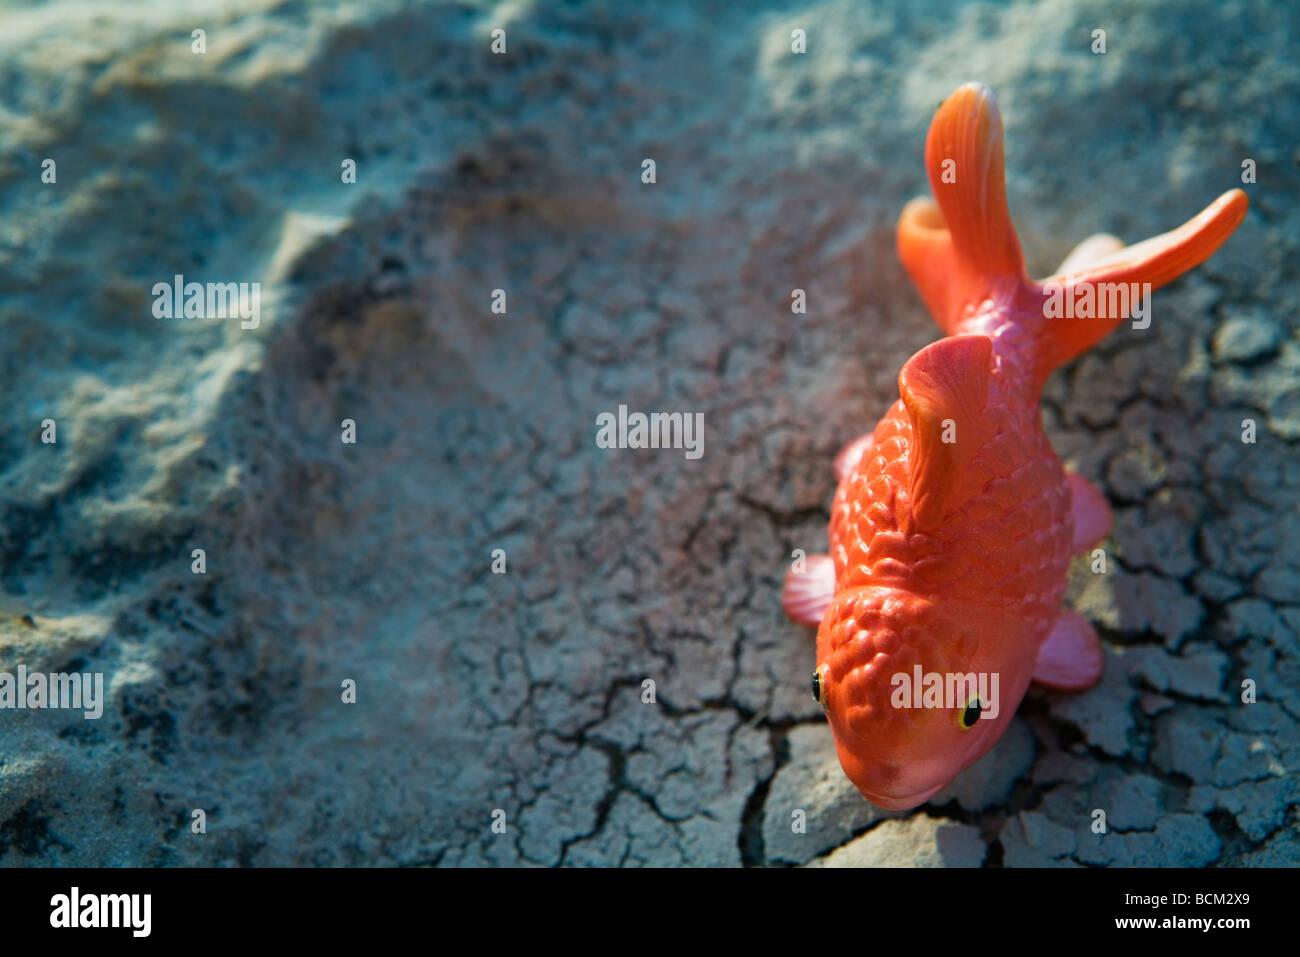 Toy goldfish on cracked surface - Stock Image